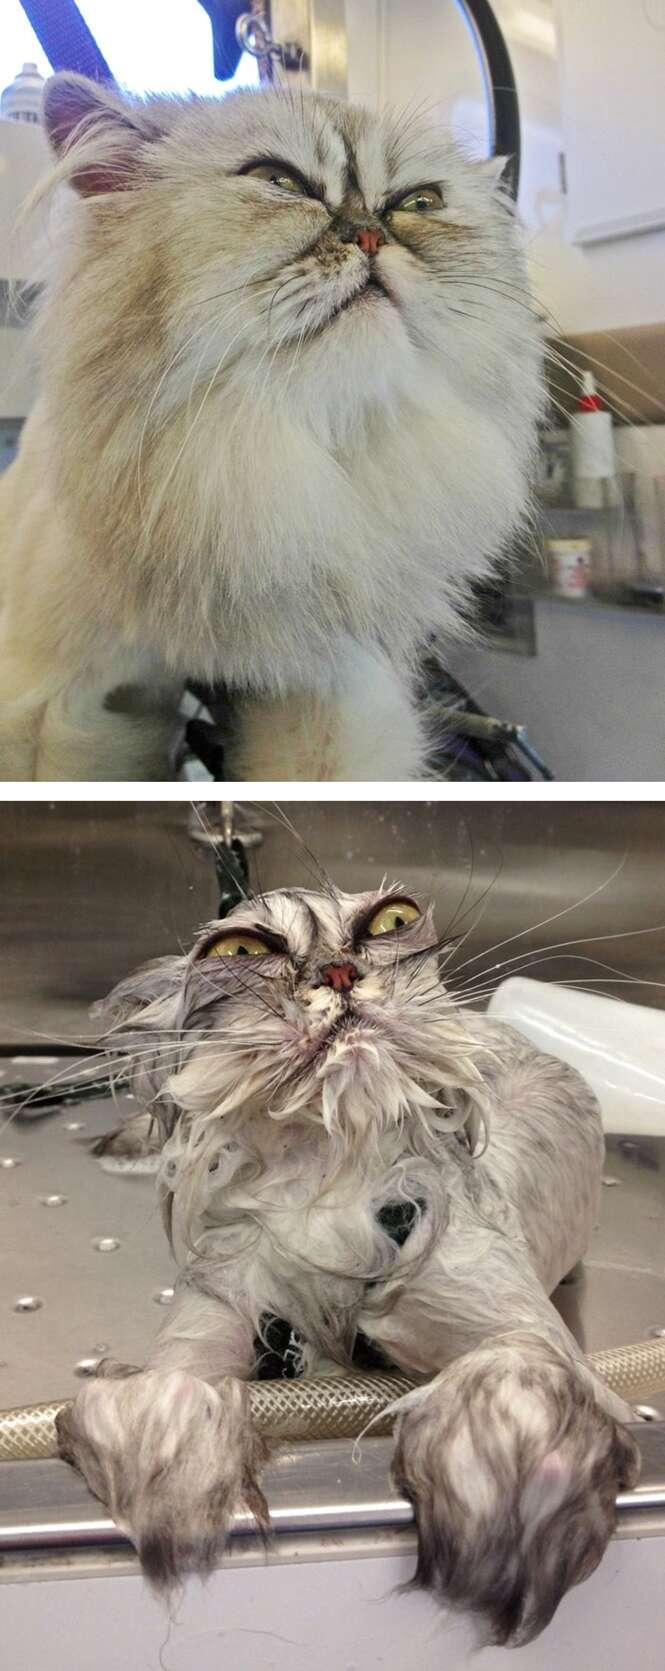 Fotos hilárias de animais antes e depois do banho